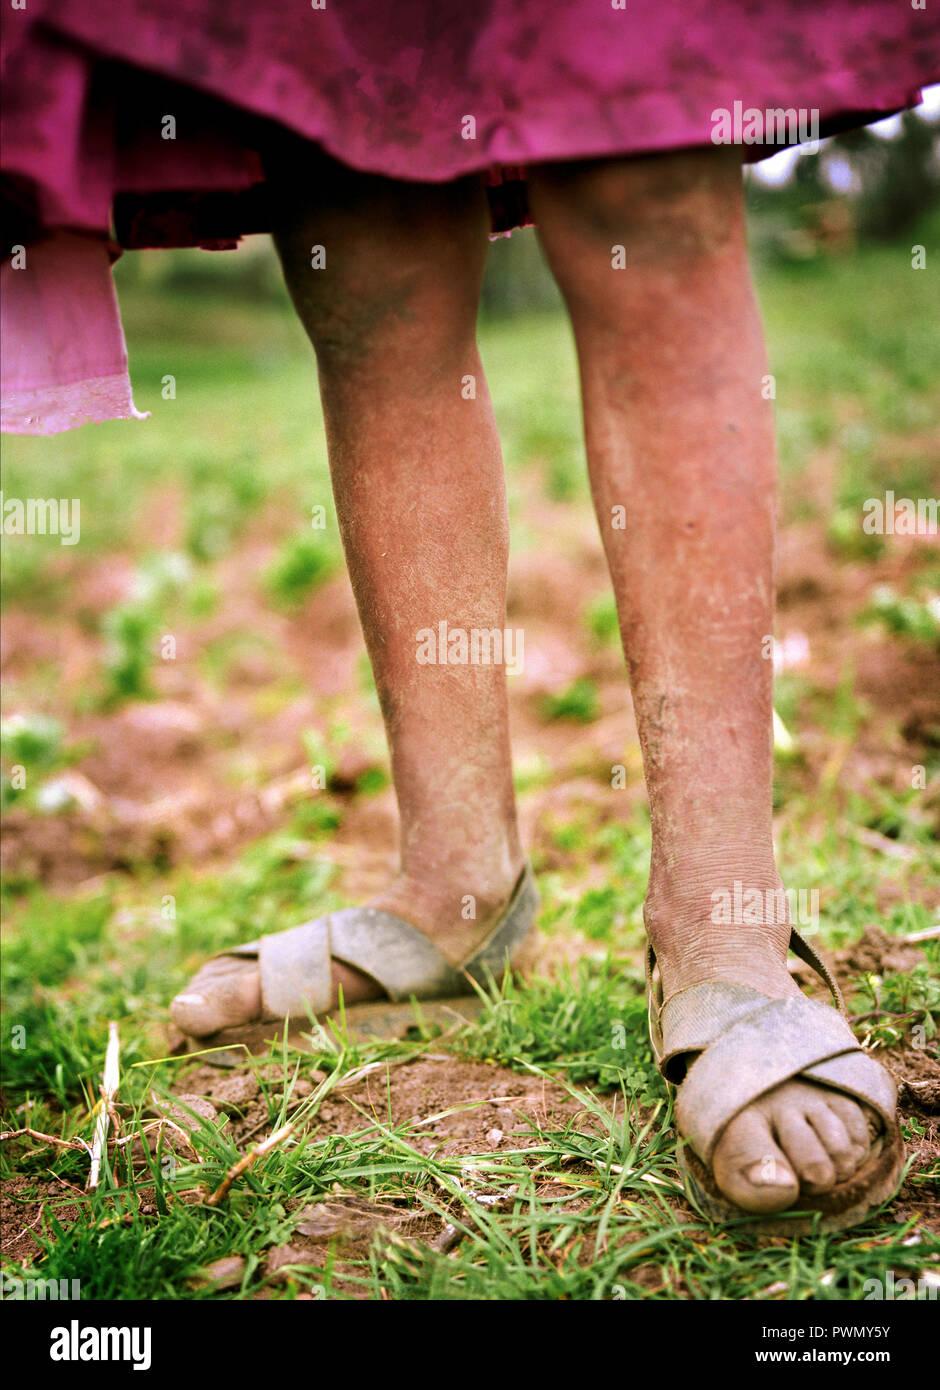 Peruvian girl's legs - Stock Image